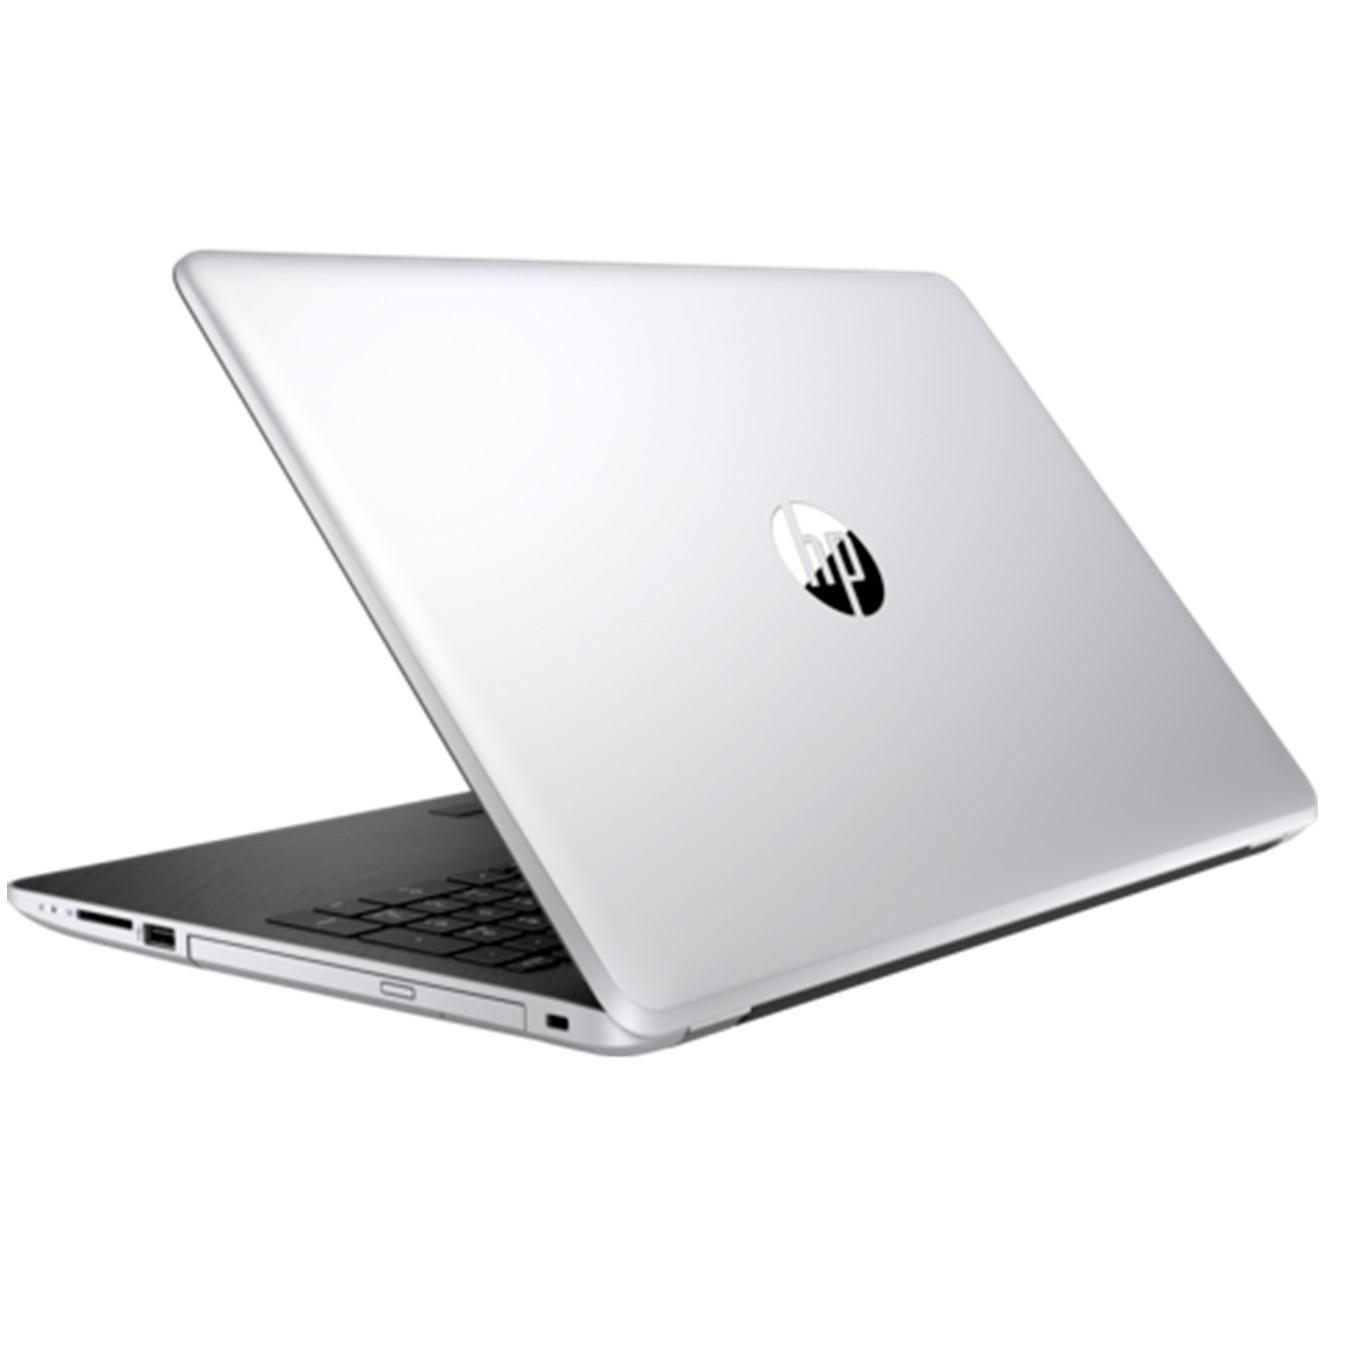 """PORTTIL HP 15-BS511NS - I3-6006U 2GHZ - 4GB - 500GB - 15.6""""/39.6CM HD - DVD RW - HDMI - BT - USB2.0 - 2XUSB3.1 - W10 HOME - PLATA/CENIZA"""